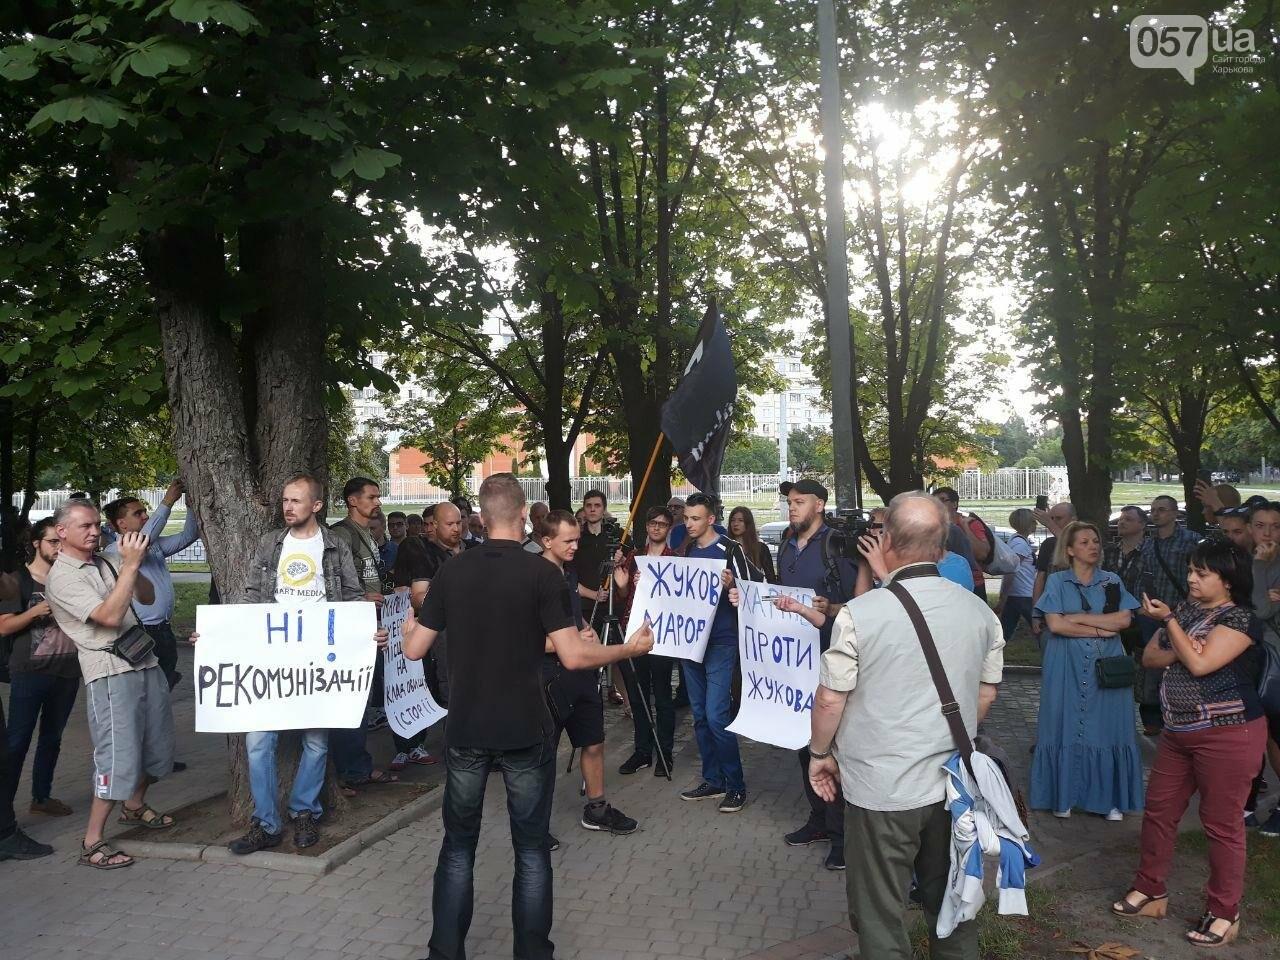 «Ветры сами снесут памятник Жукову»: в Харькове активисты протестовали против восстановления бюста, - ФОТО, фото-3